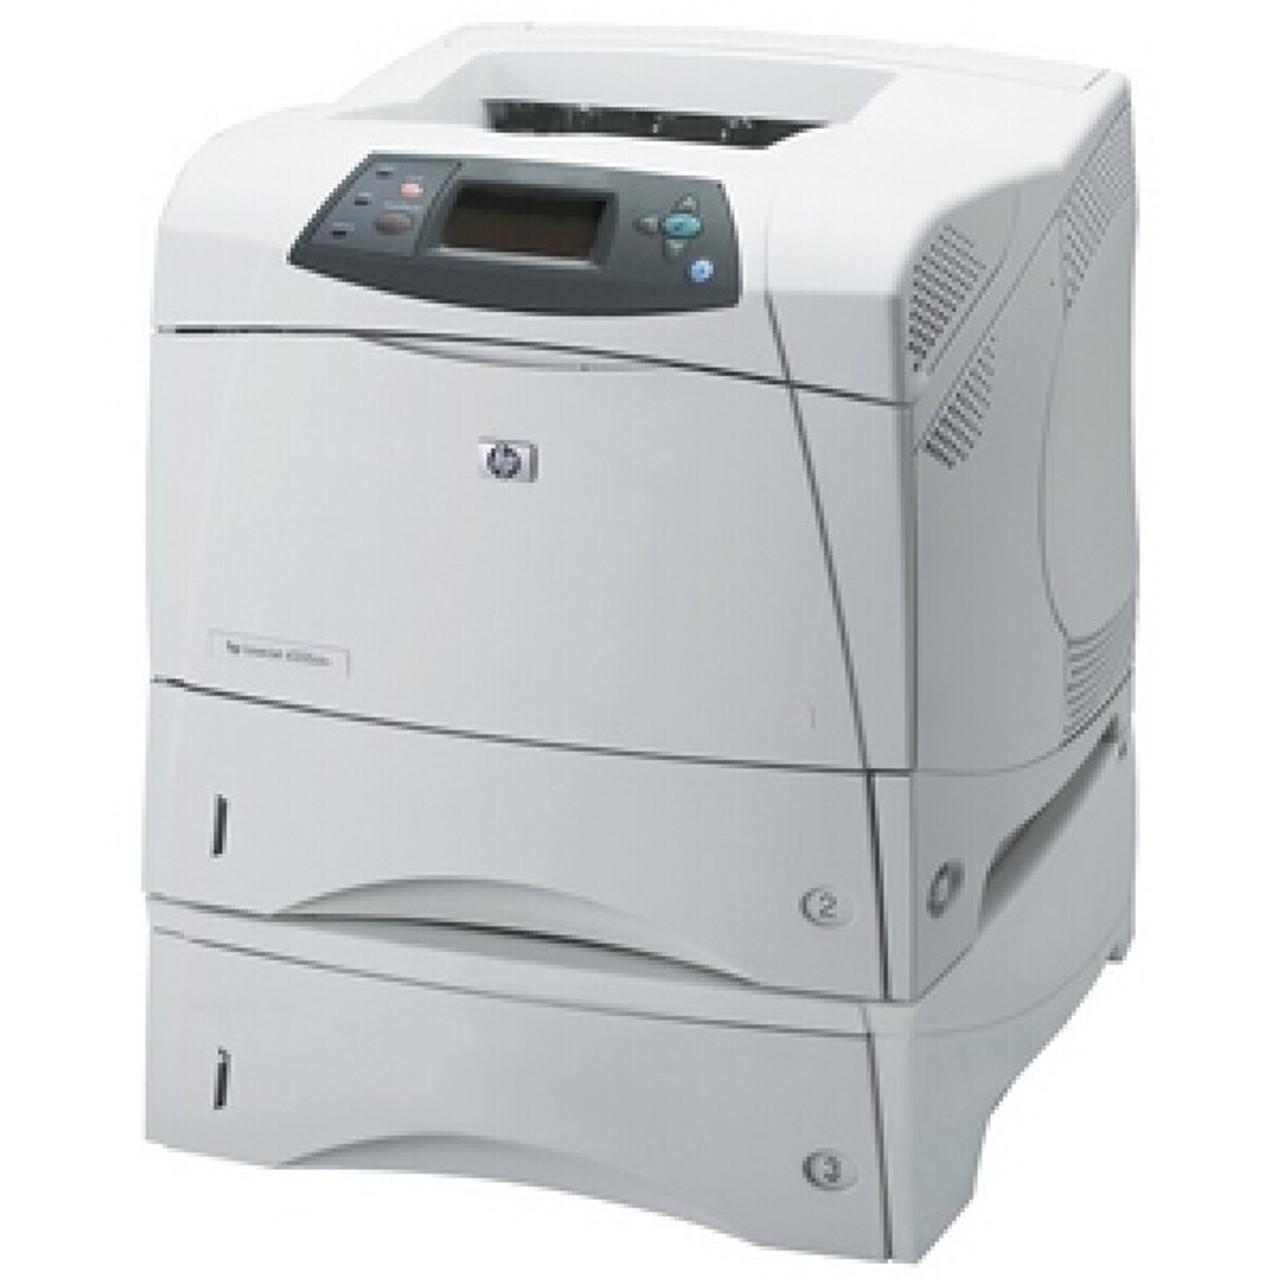 HP LaserJet 4300dtn - Q2434A - HP Laser Printer for sale